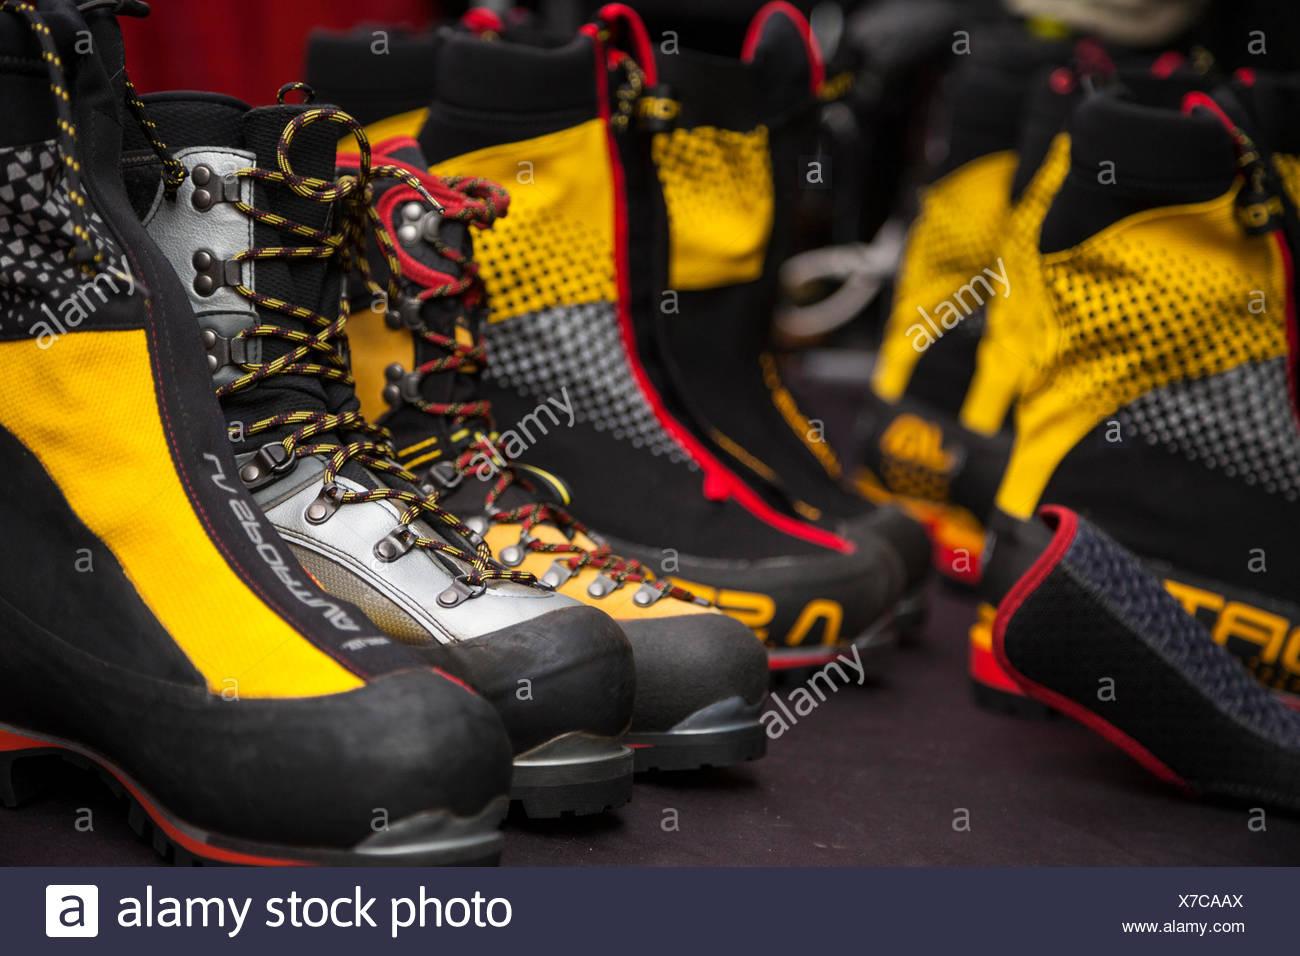 Stockfotosamp; Stockfotosamp; Mountaineering Boots Boots Mountaineering Mountaineering N80nvmw